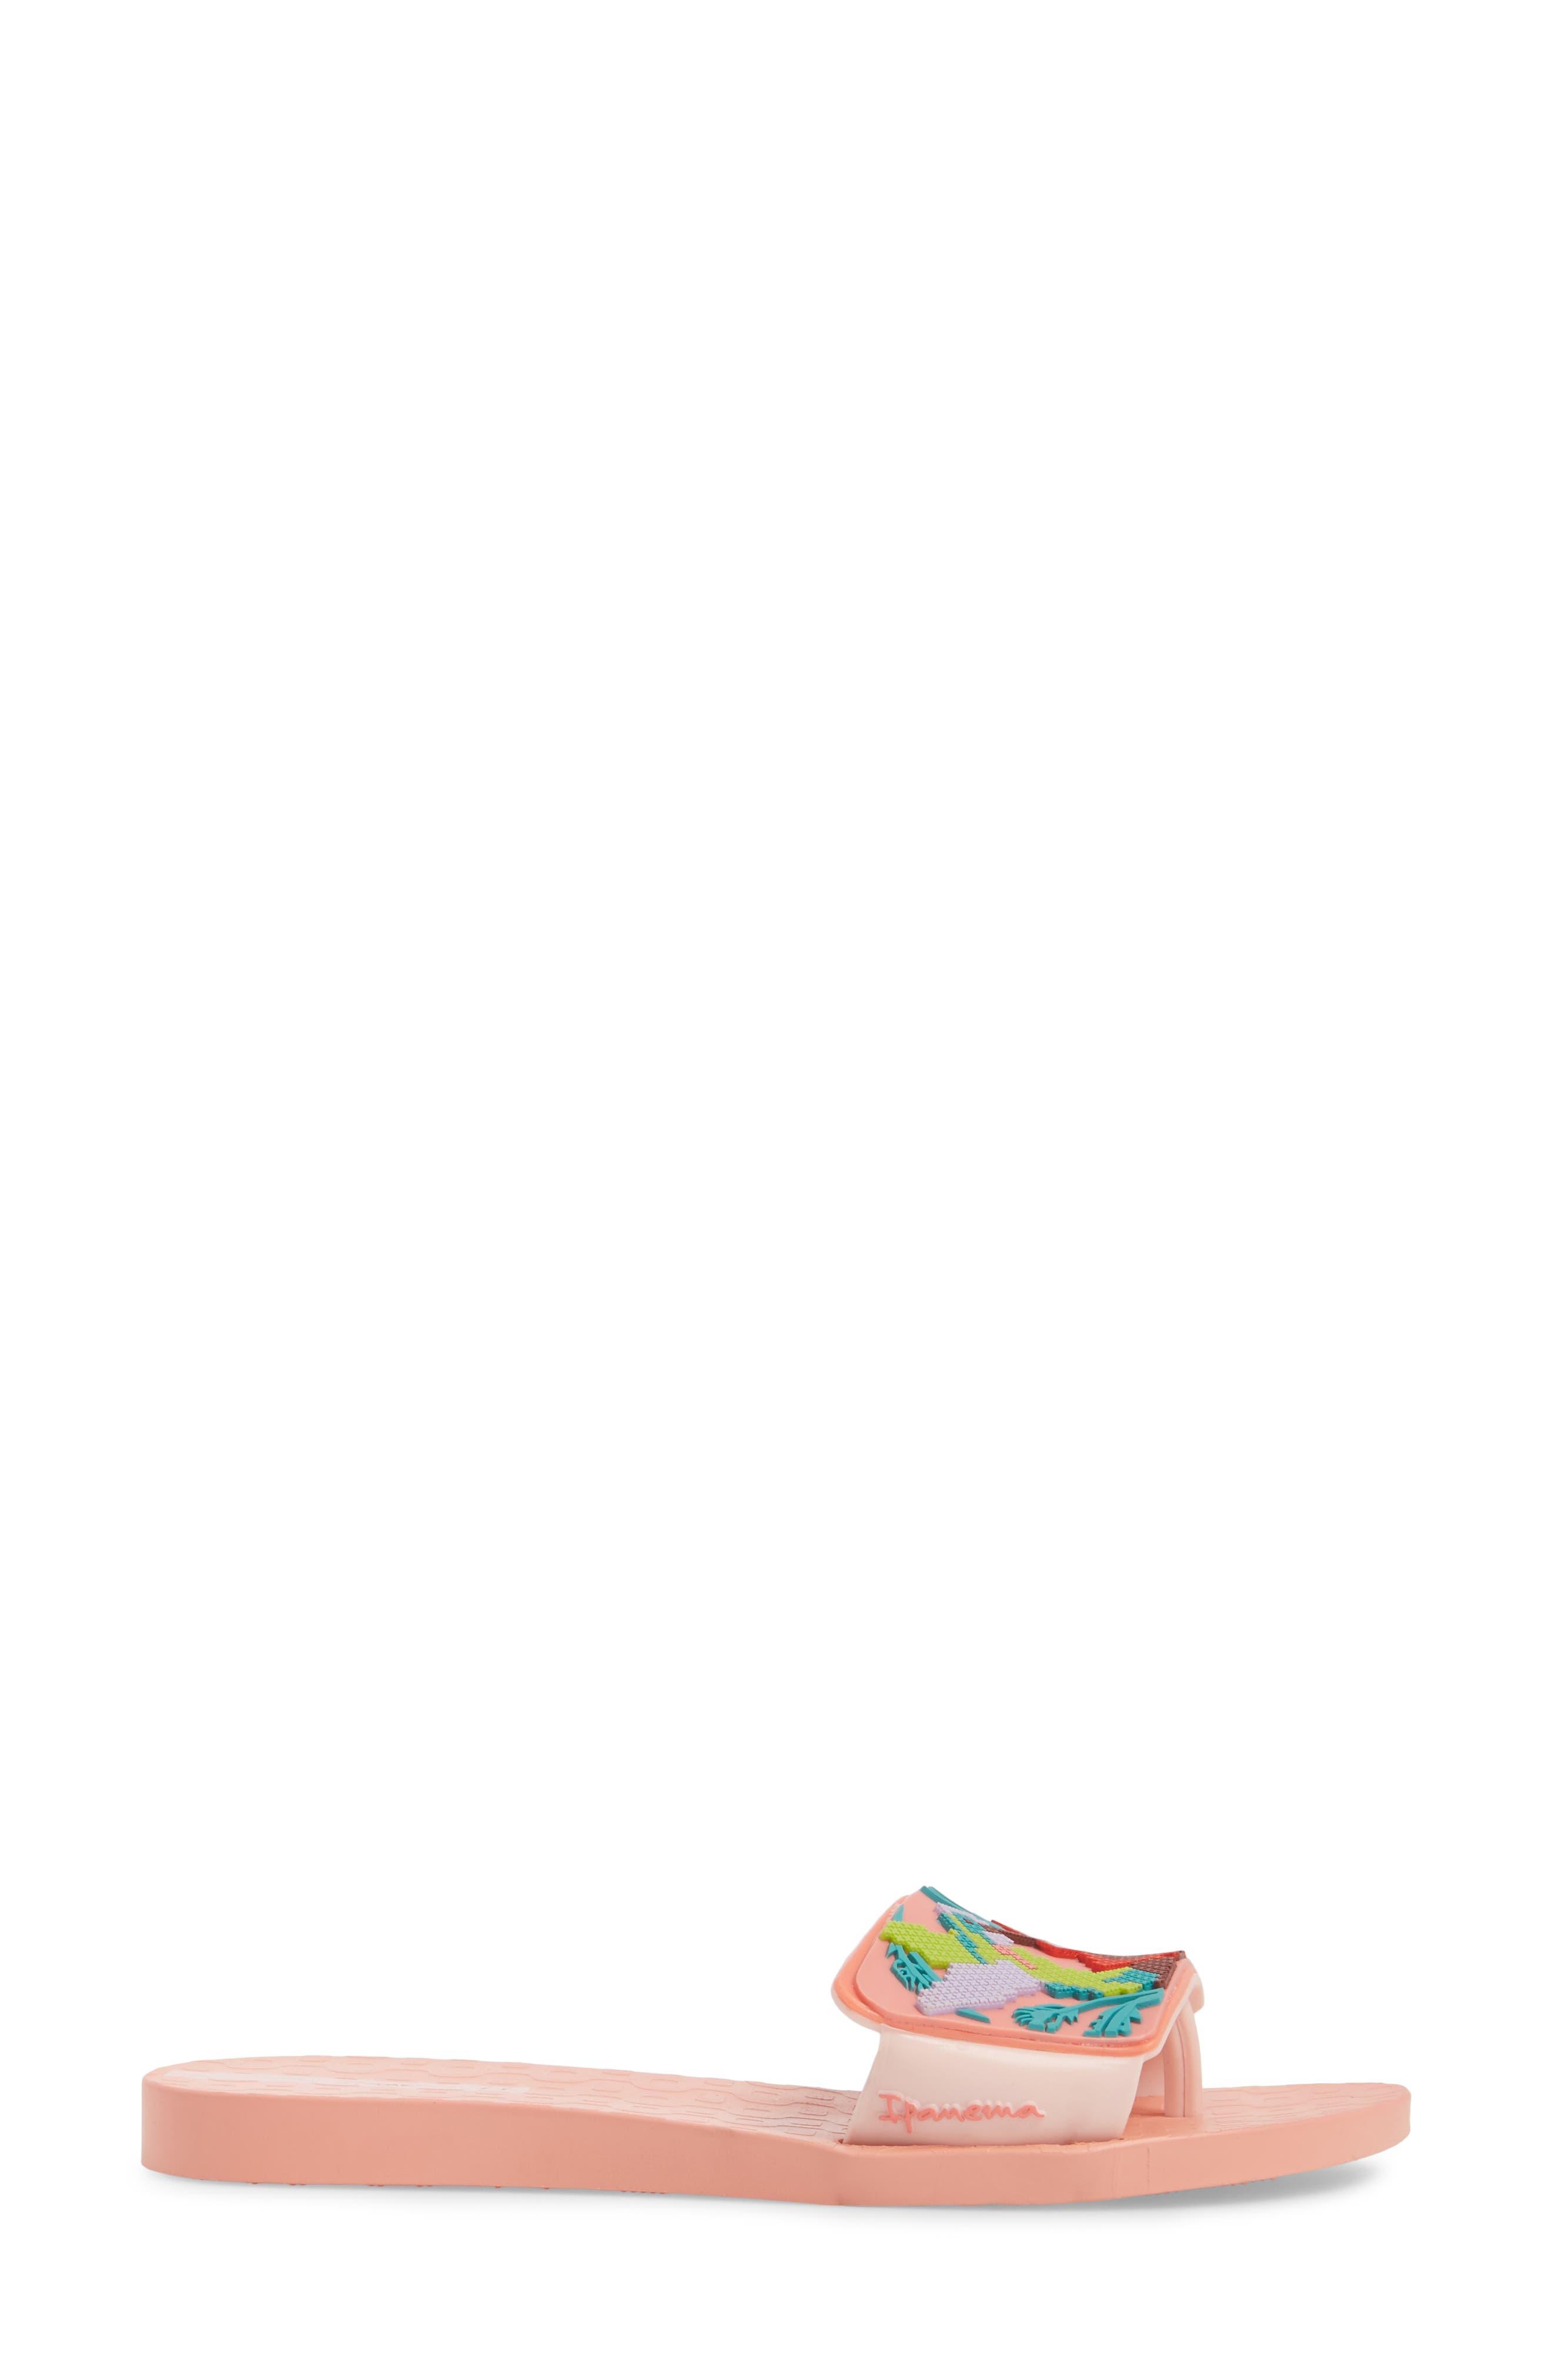 Nectar Floral Slide Sandal,                             Alternate thumbnail 3, color,                             Orange/ Pink